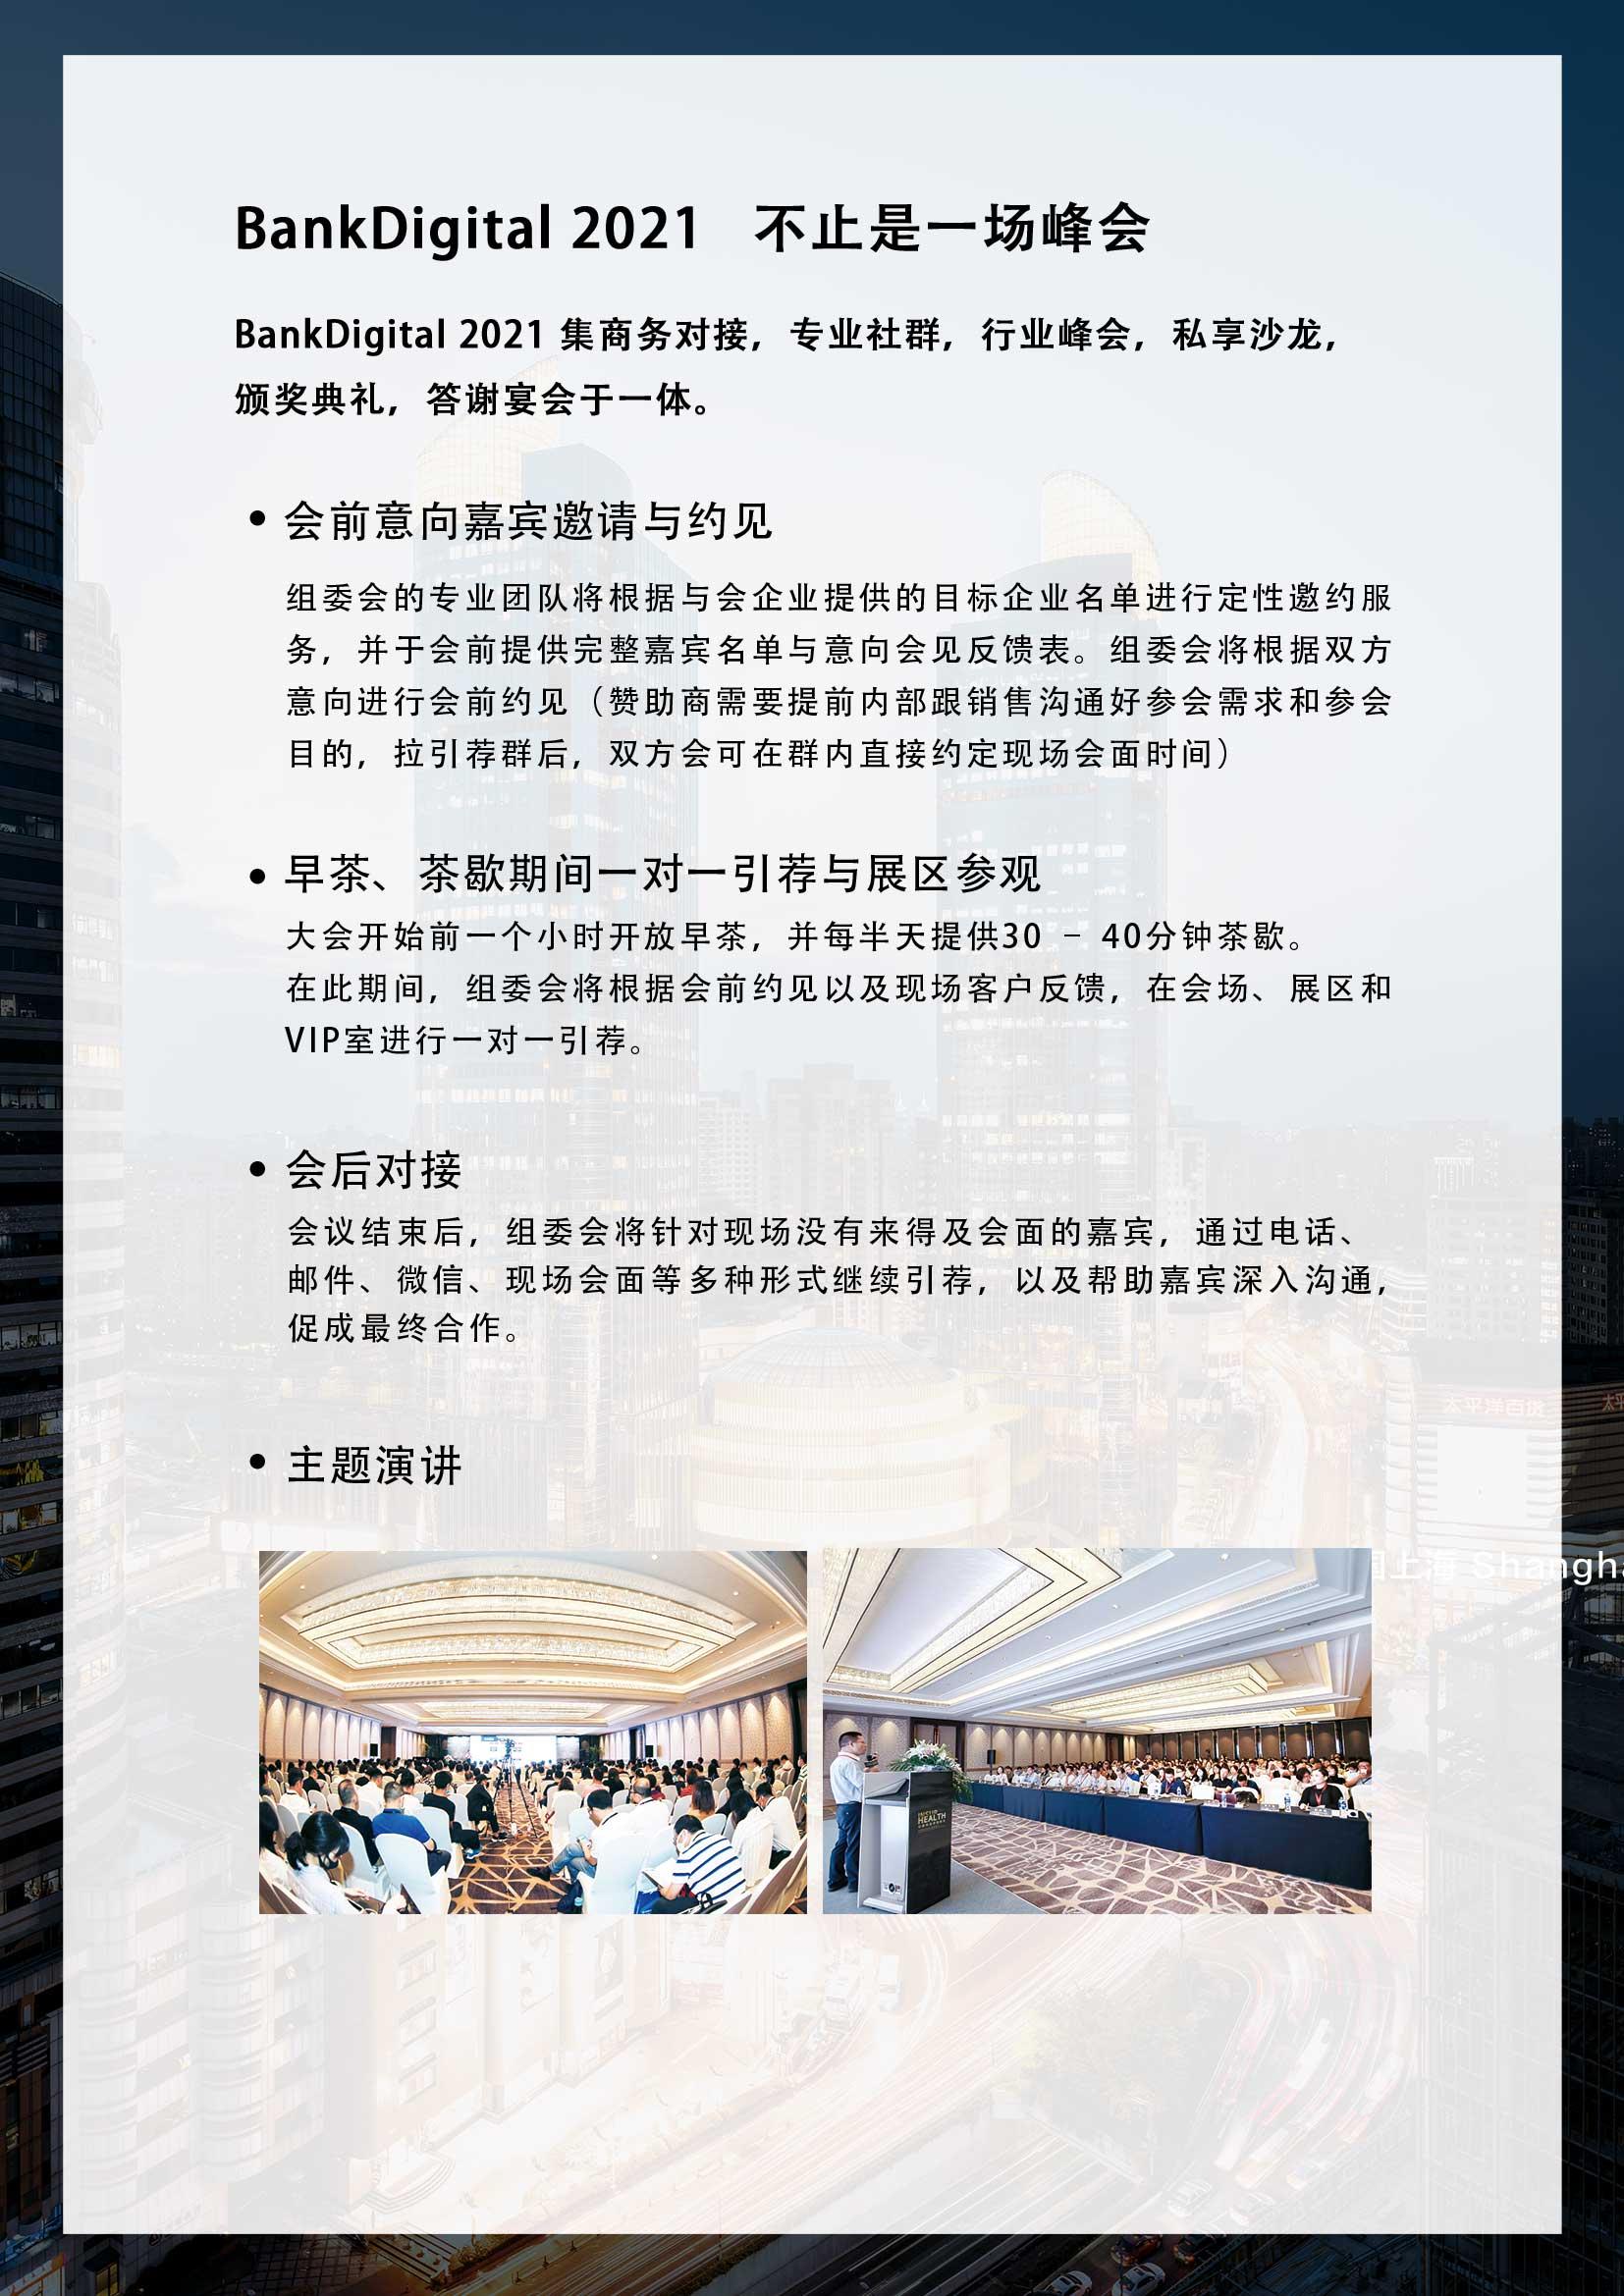 2021第三届上海BankDigital数字银行峰会